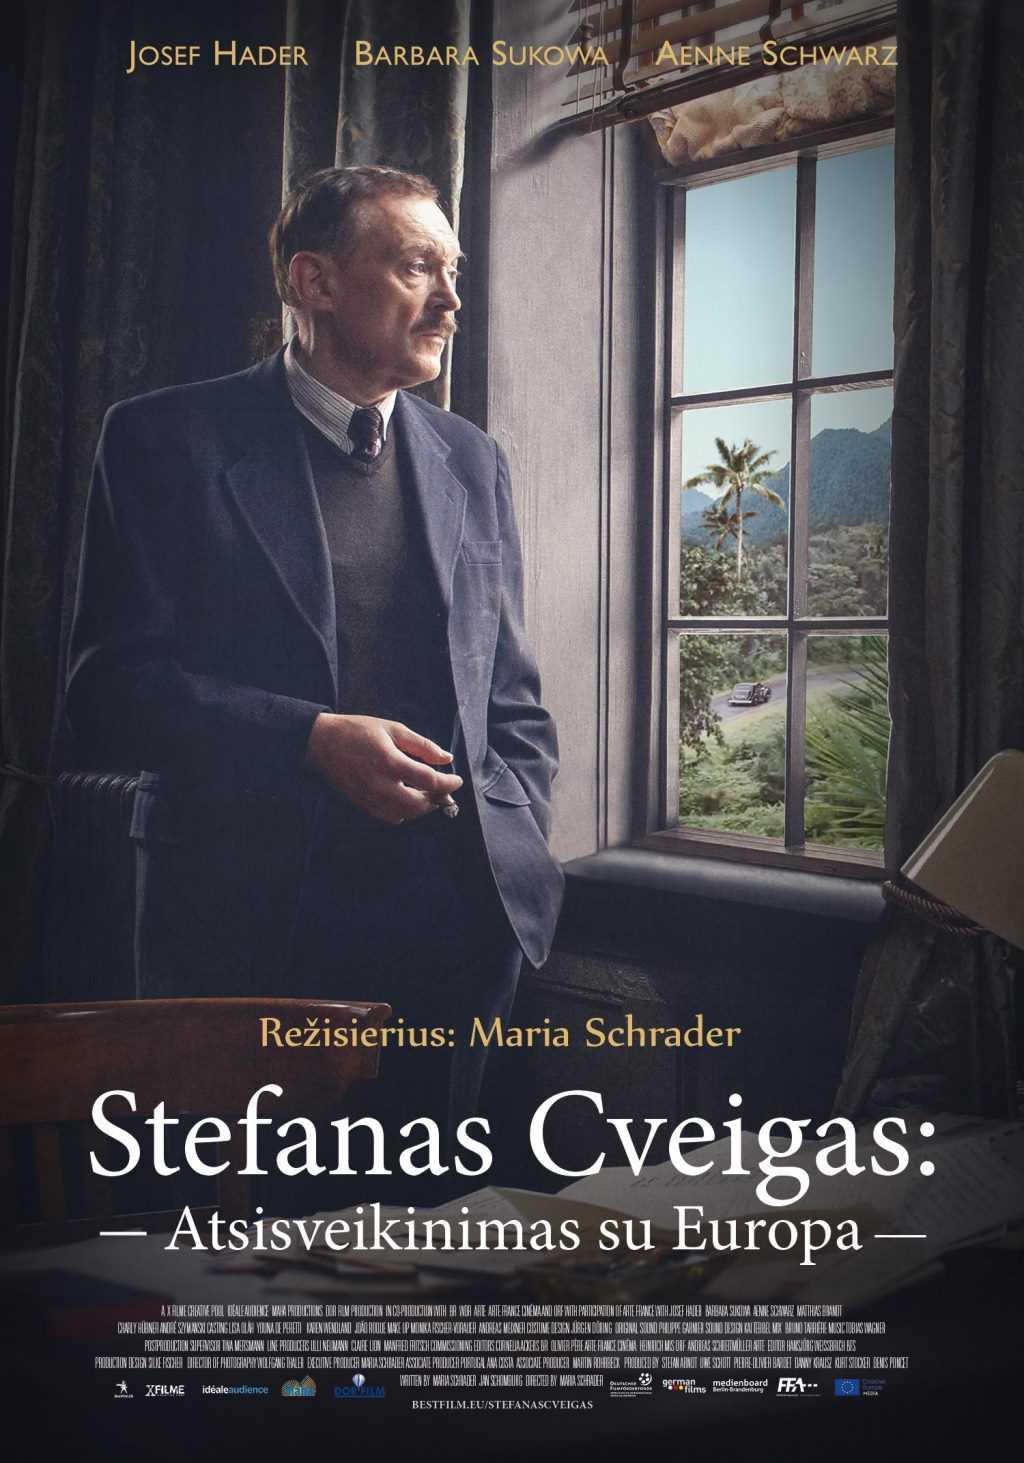 Stefanas Cveigas: Atsisveikinimas su Europa